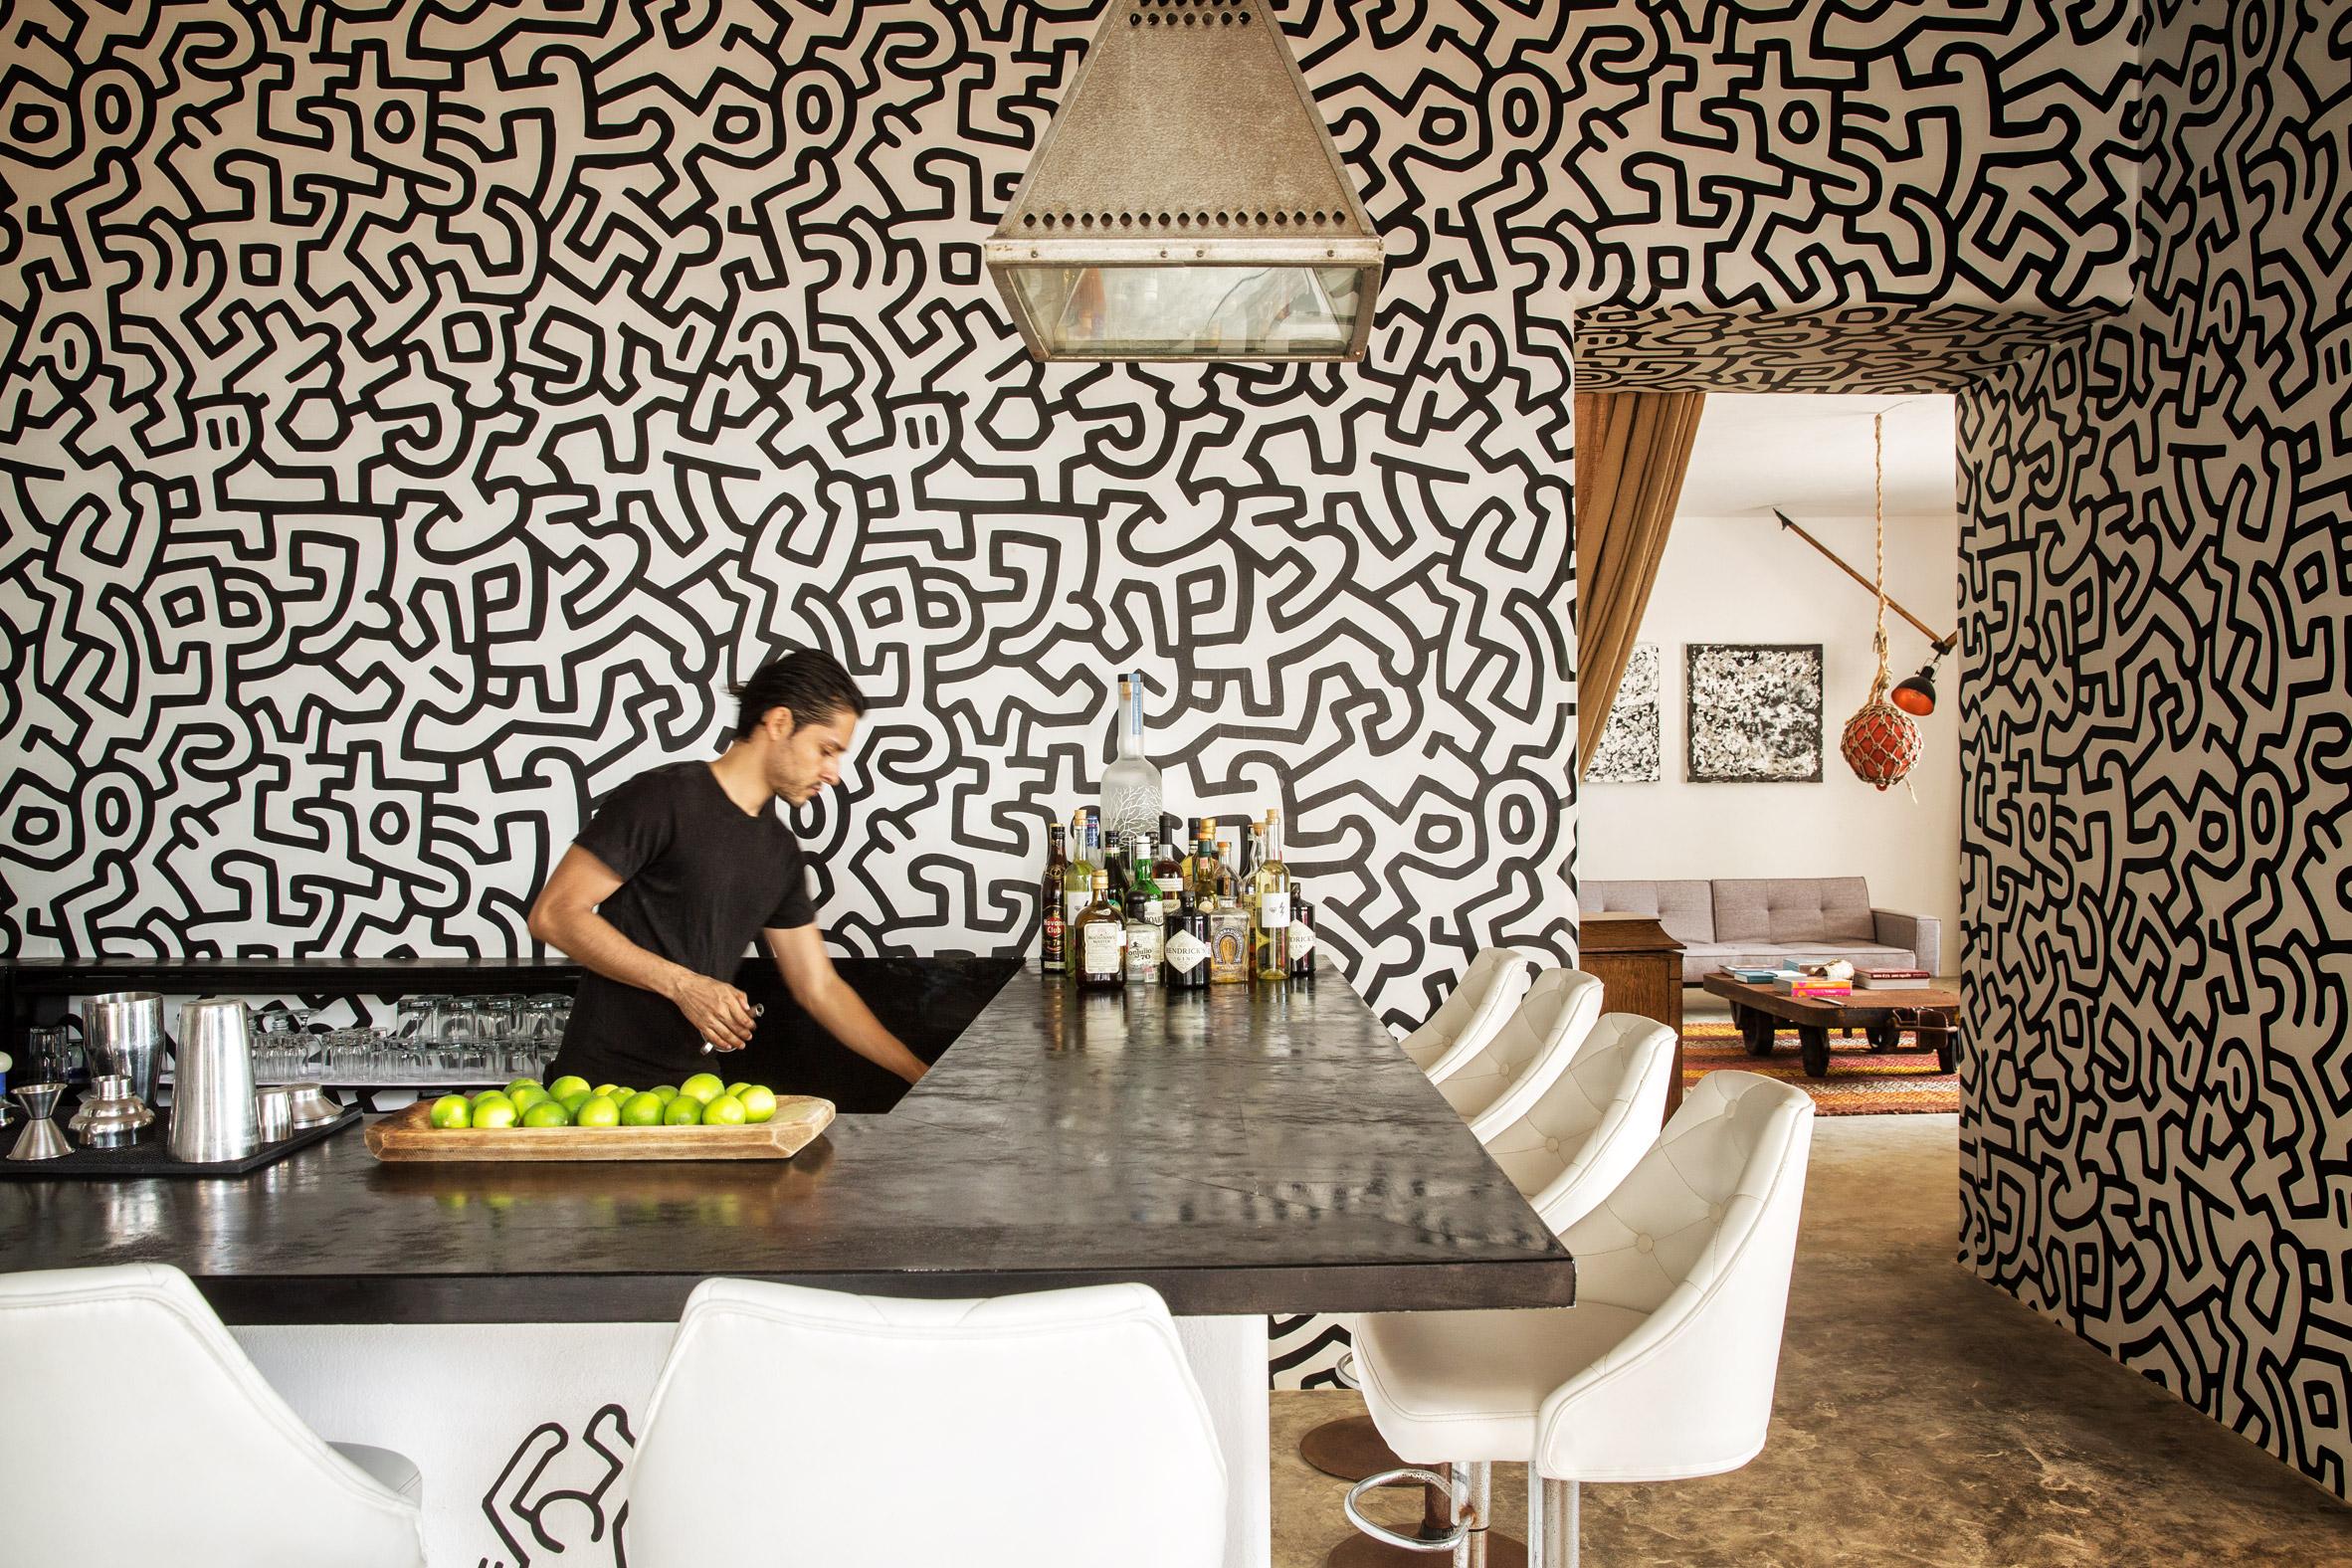 casa-malca-architecture-hotels-mexico_dezeen_2364_col_9.jpg